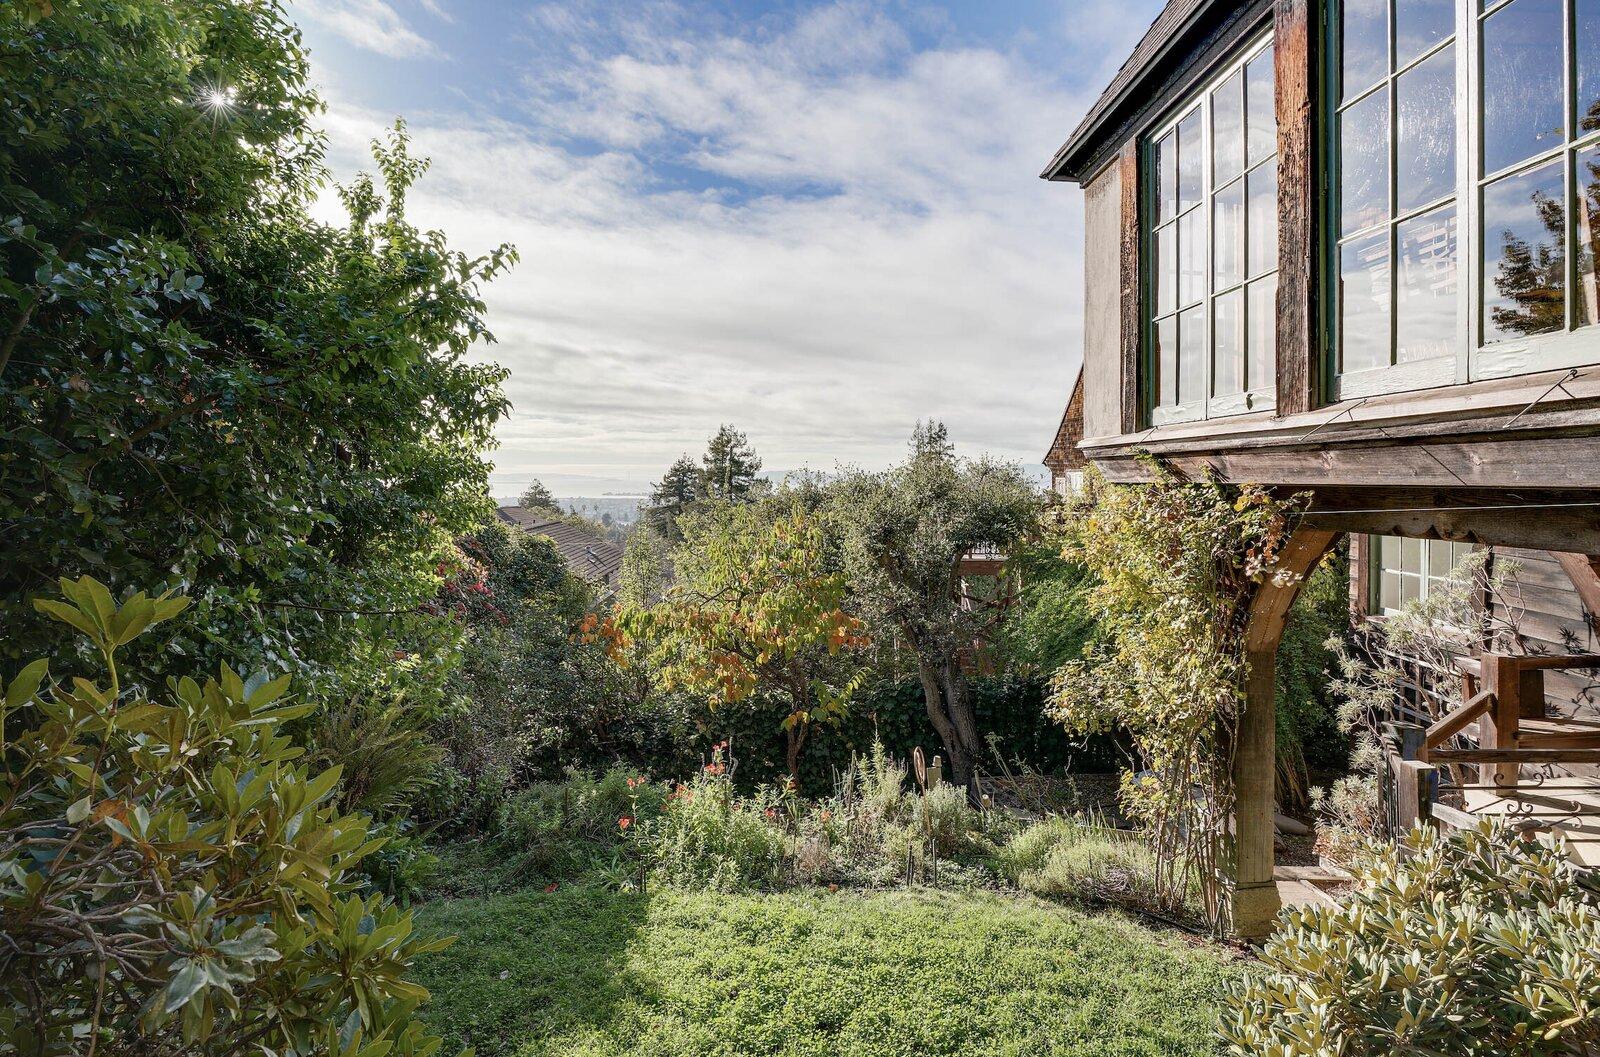 Ericsson-Bray House garden